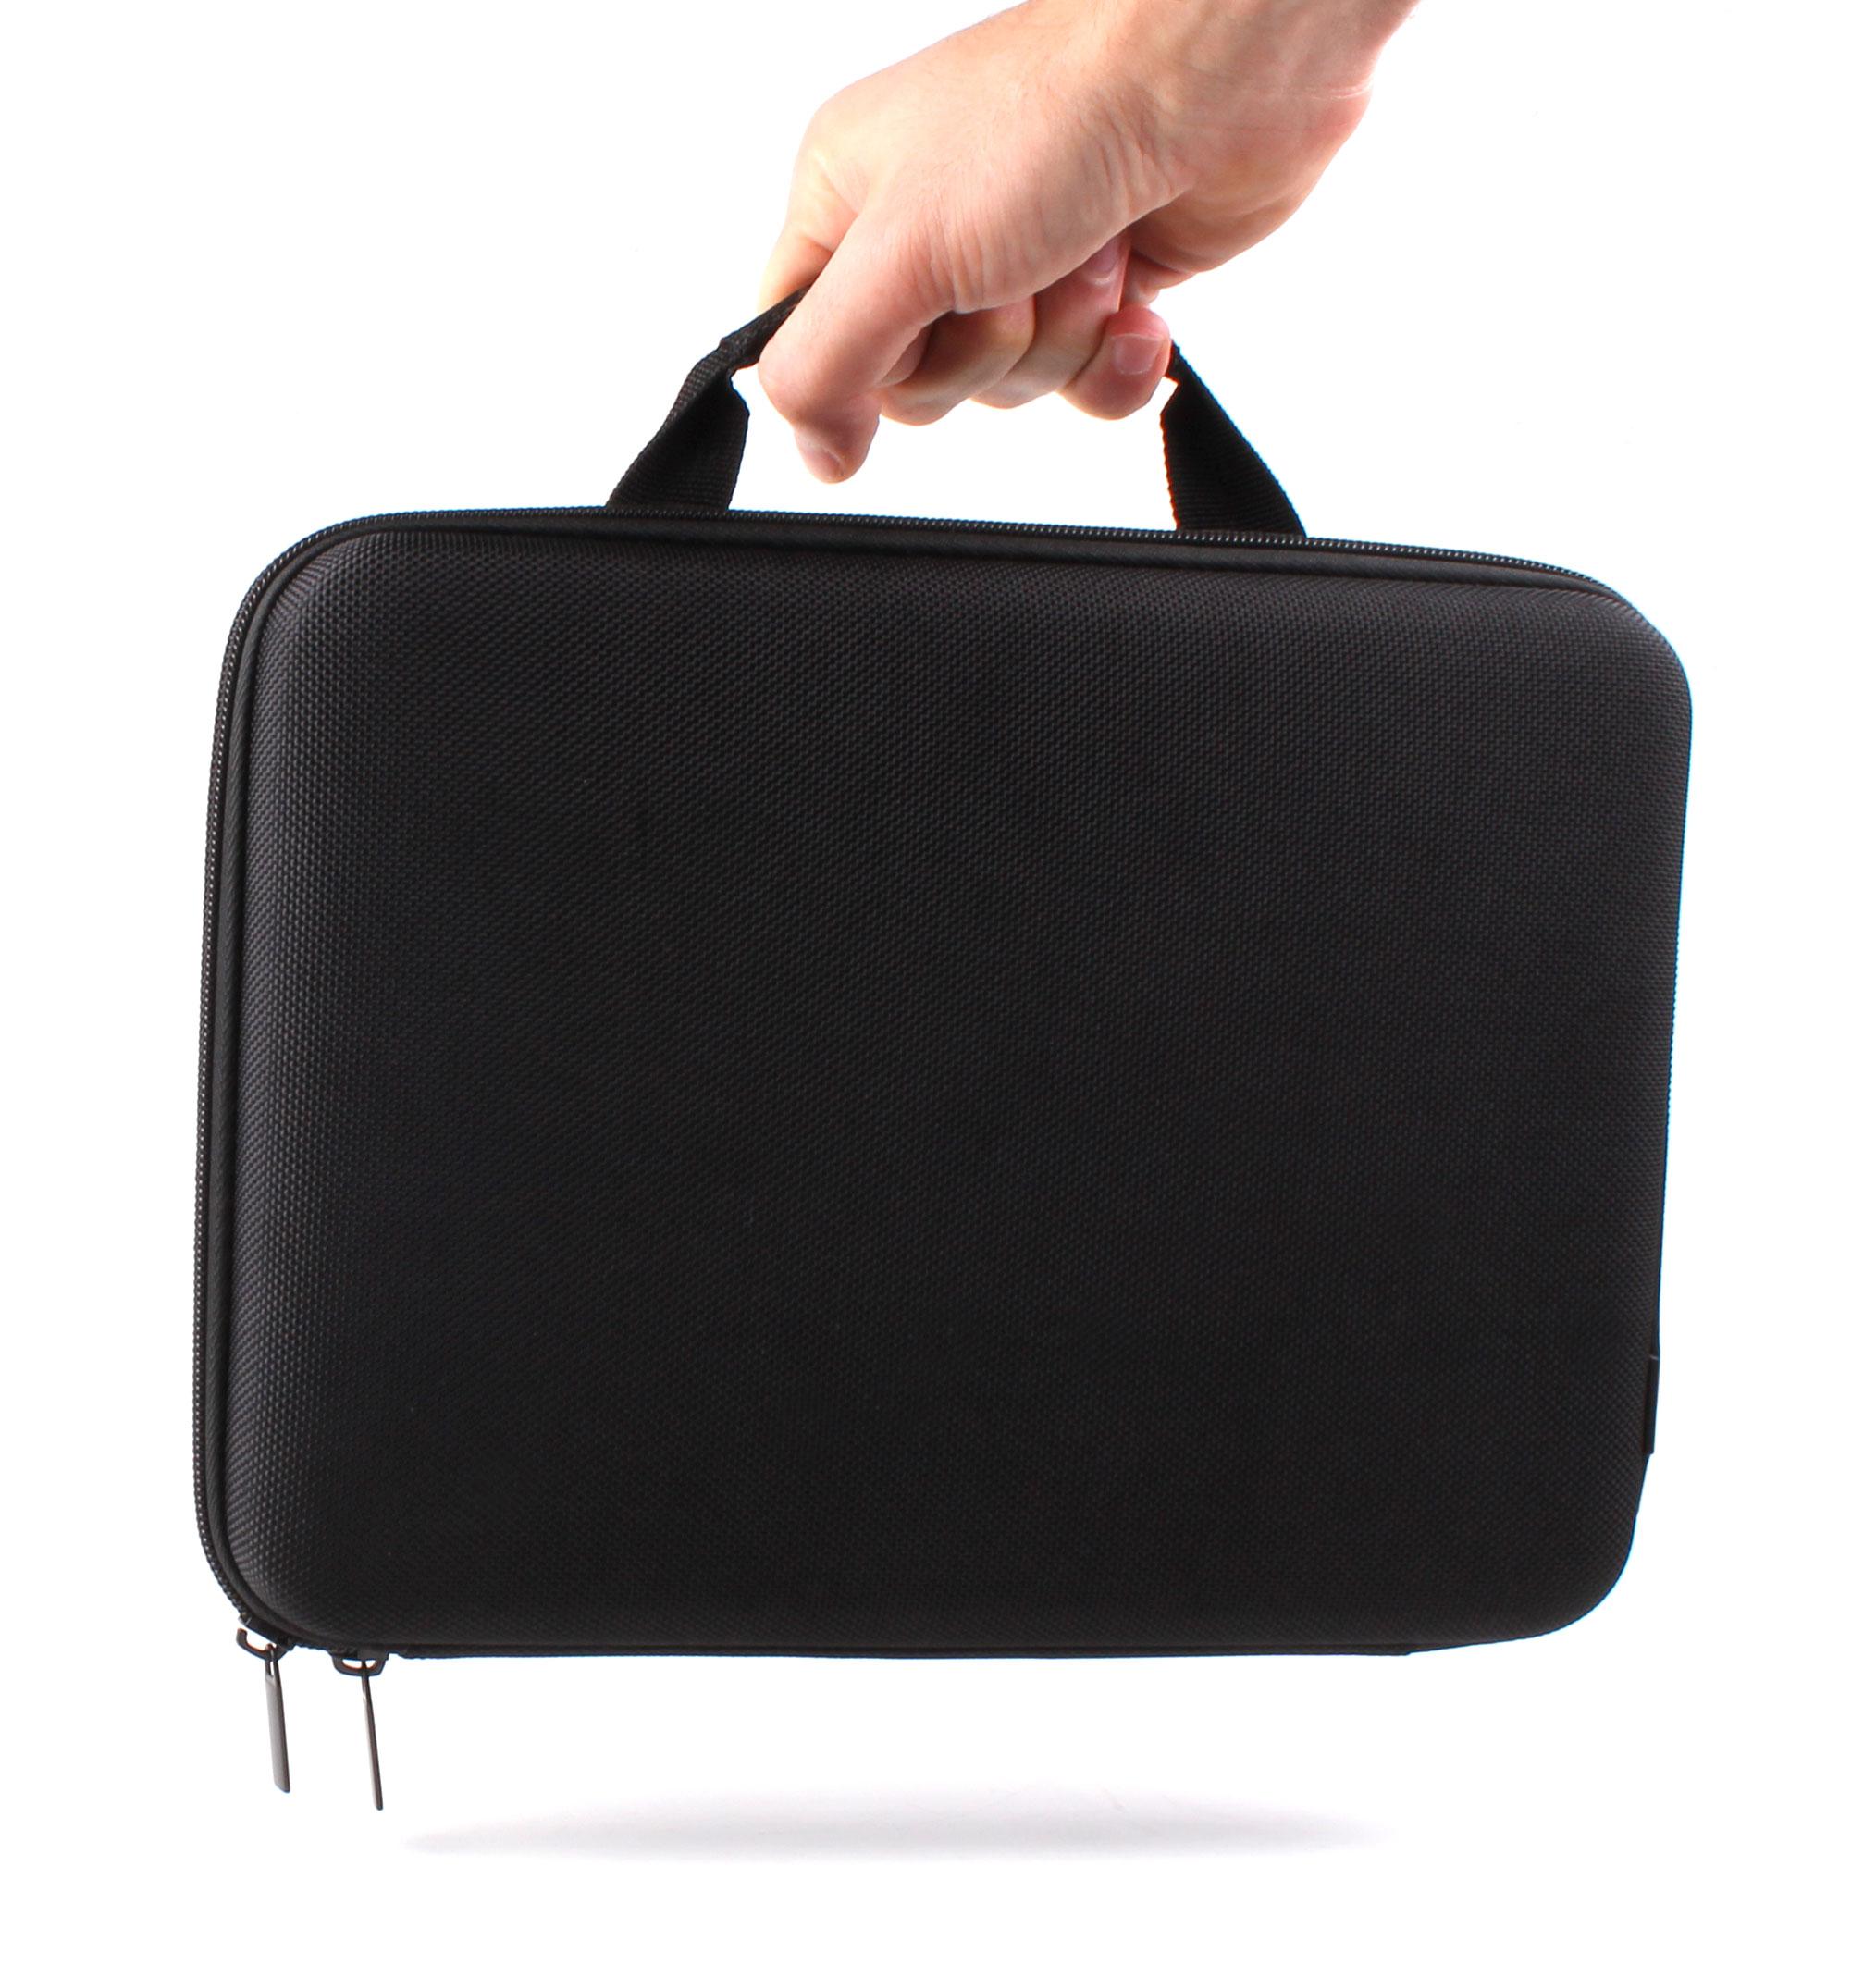 Sacoche rigide poign e de transport pour tablettes hp - Sacoche tablette 10 pouces ...